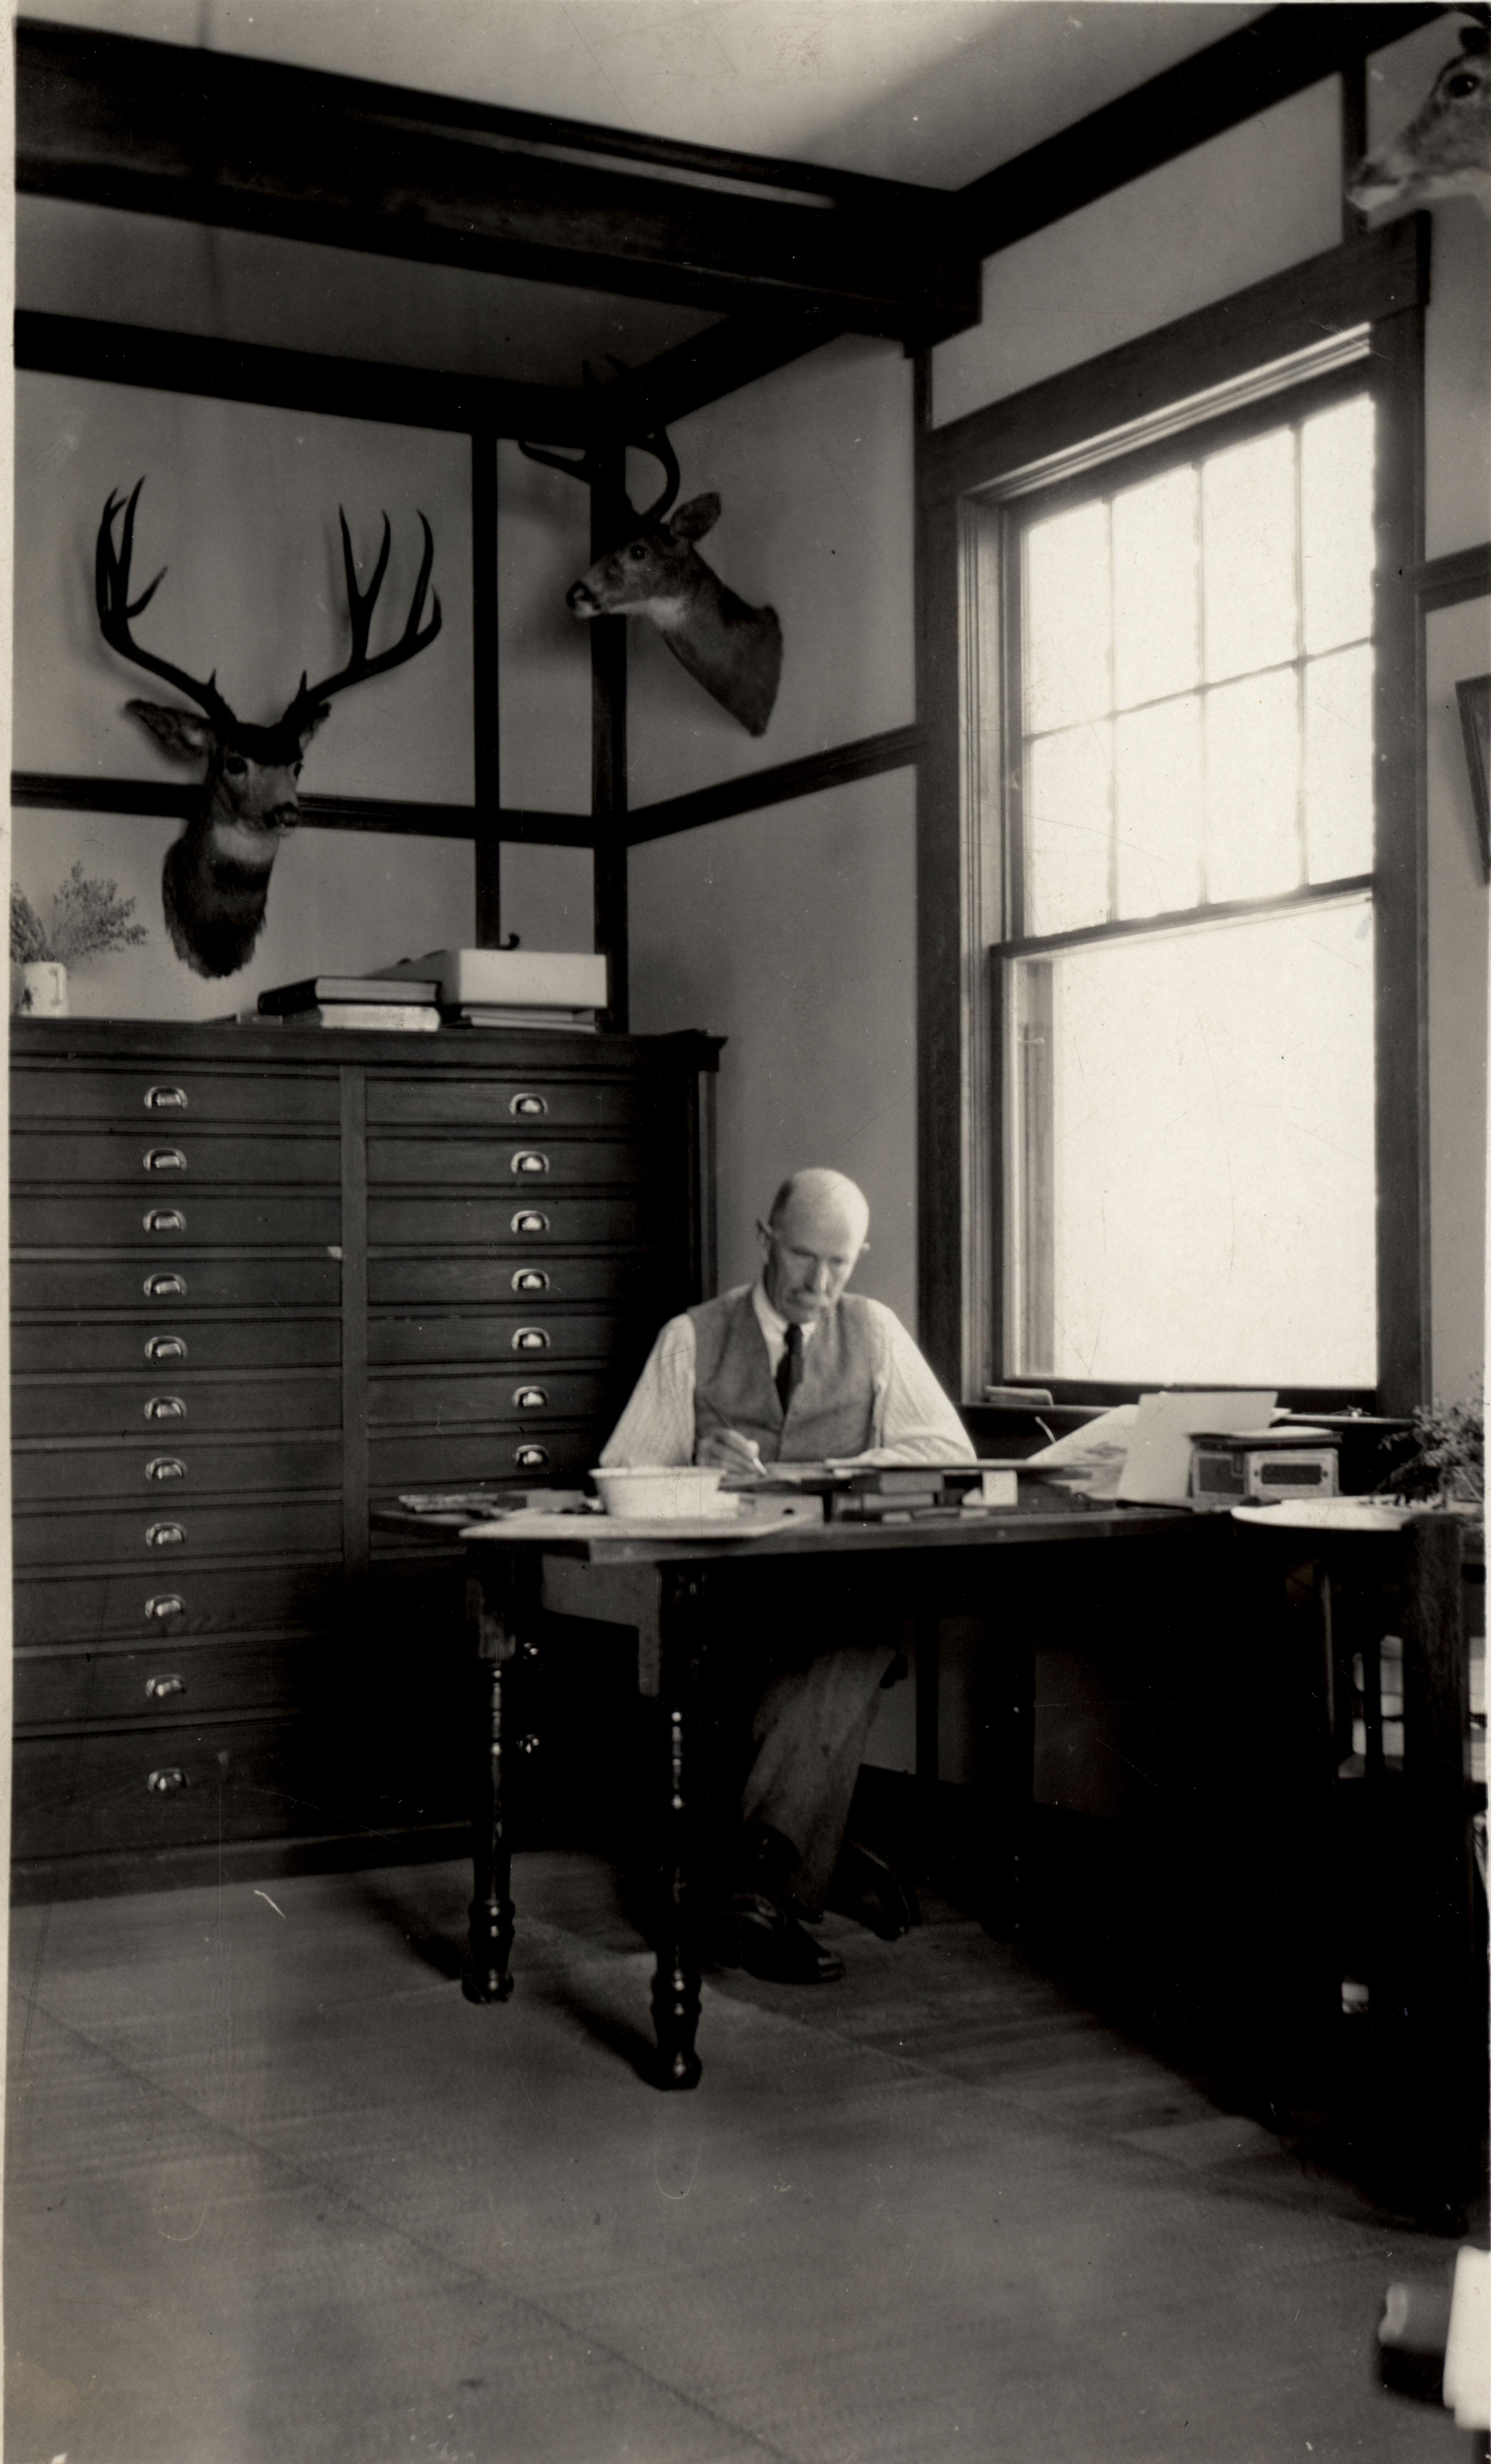 Allan Brooks, Okanagan Landing, British Columbia, October 7, 1921, by H.S. Swarth. MVZ Image 3742.